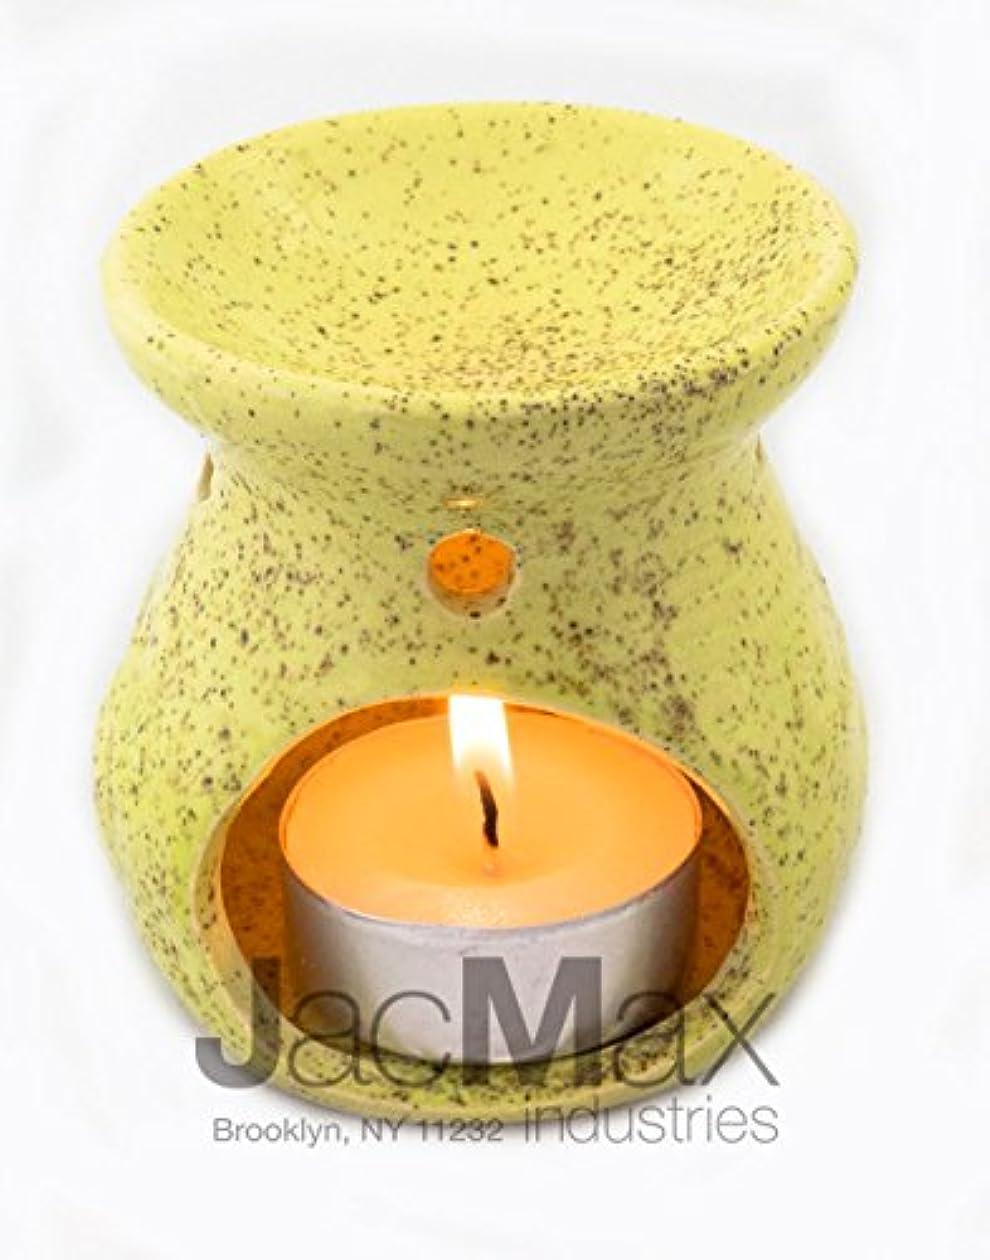 応答耐えられない春Expressive香りセラミックBurner for Oil andワックスMelts – Fragrance Oil Warmerランプイエロー26 – 17